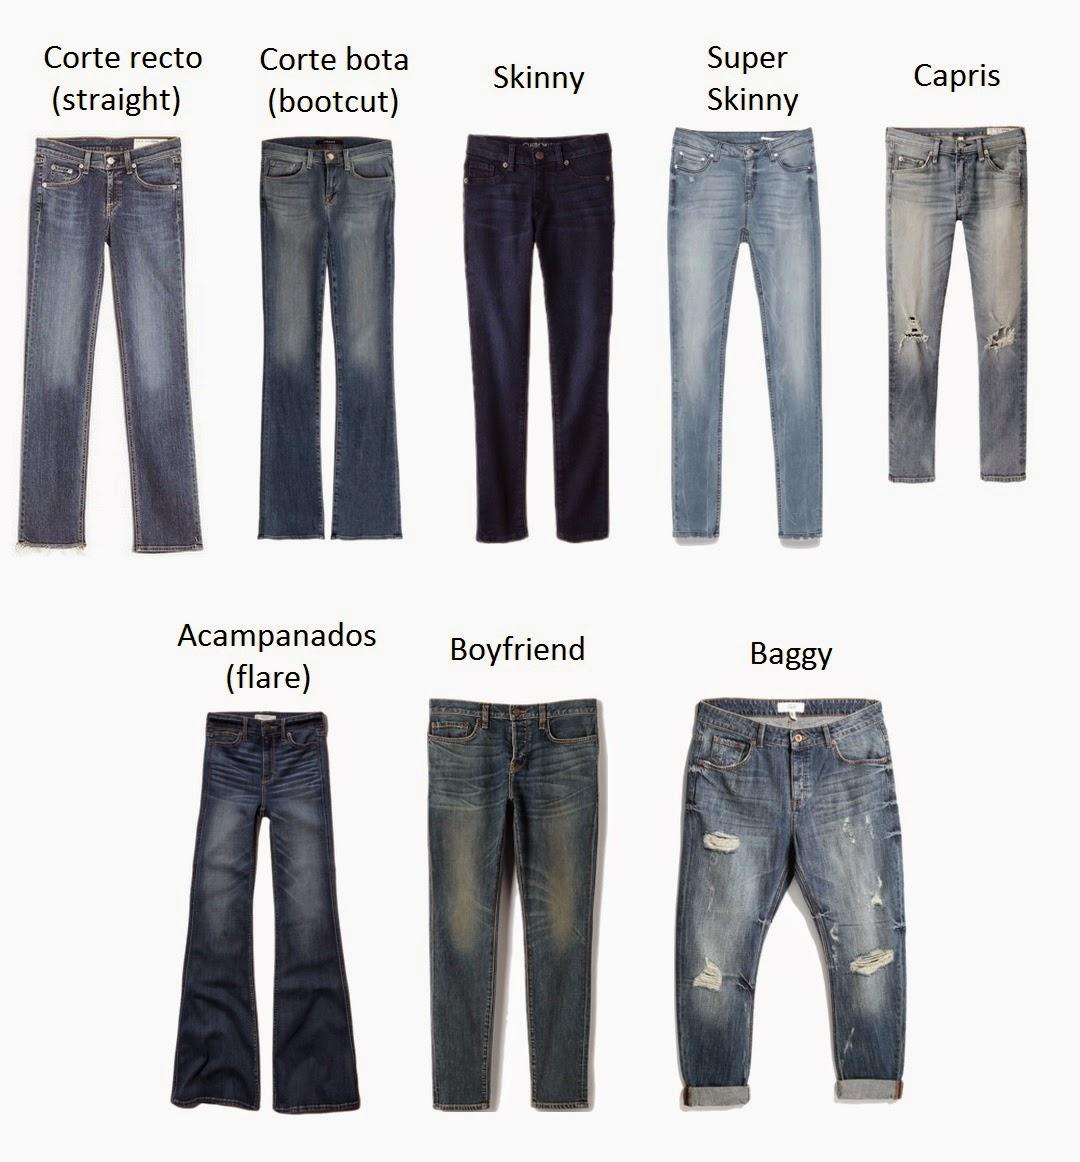 De Formas Y Colores Jeans Que Caracteristicas Debes Tener En Cuenta